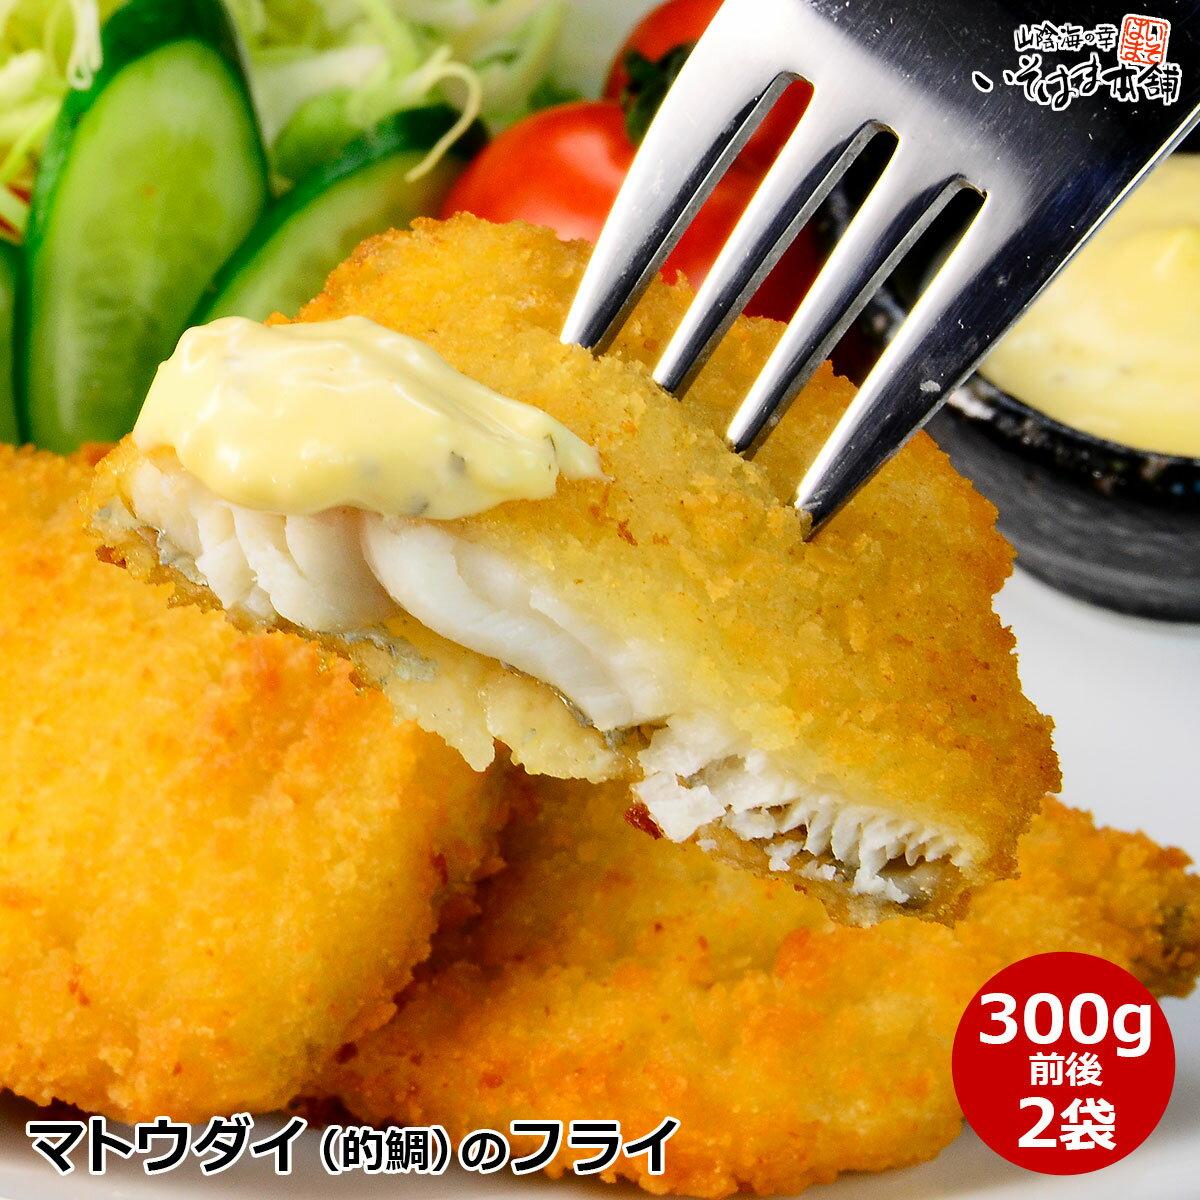 島根県浜田産 まとう鯛 使用的鯛 サクサク揚げ 加熱用高級魚マトウダイの 白身フライ です。島根では バトウ( ばとう )と呼びます。送料無料 白身 魚フライ